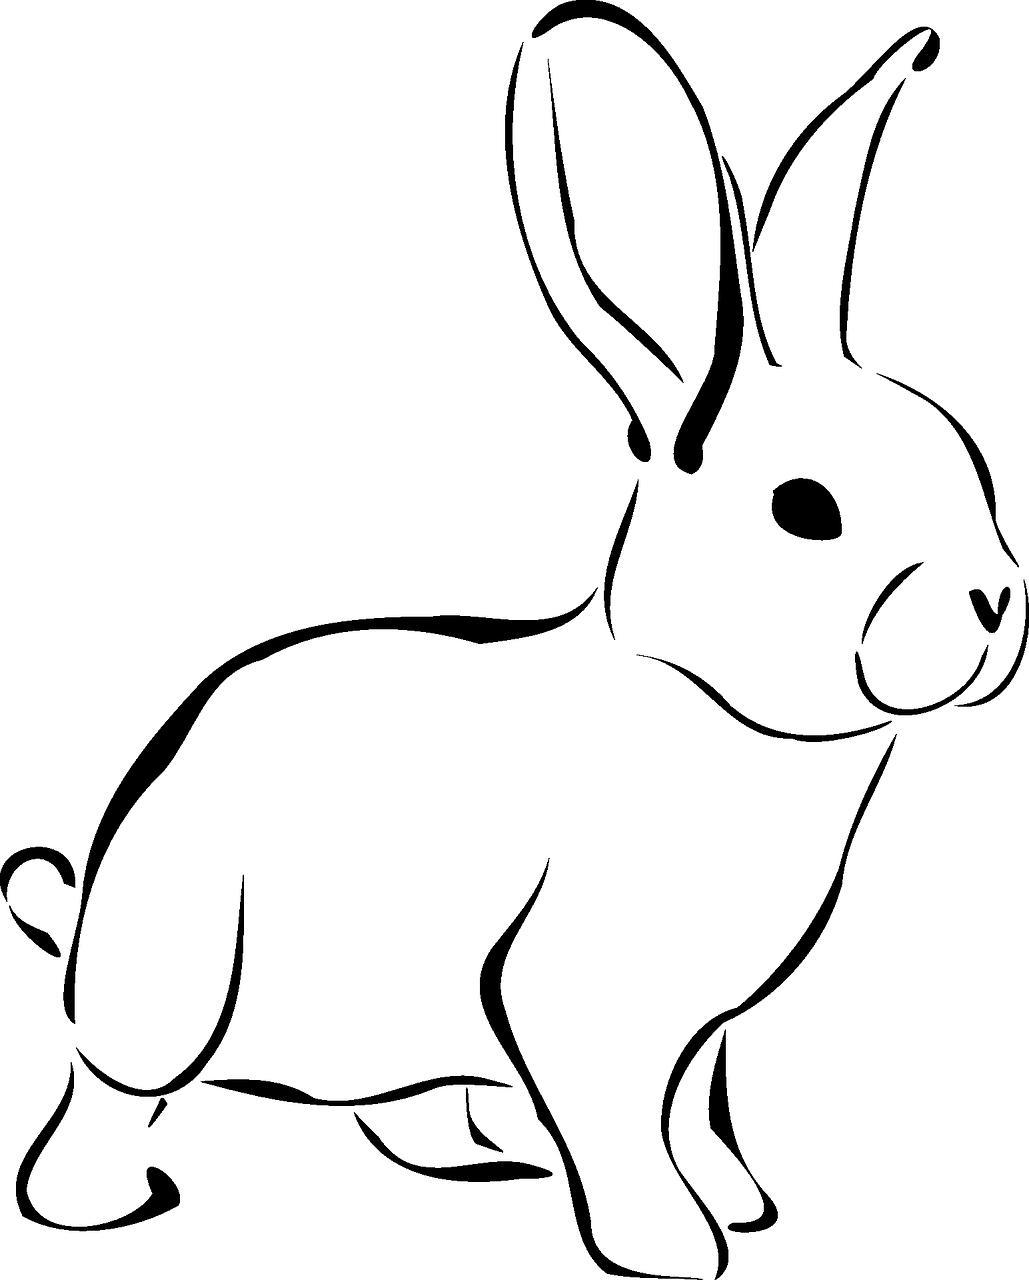 Kostenloses Bild auf Pixabay - Kaninchen, Tier, Tierwelt, Natur ...